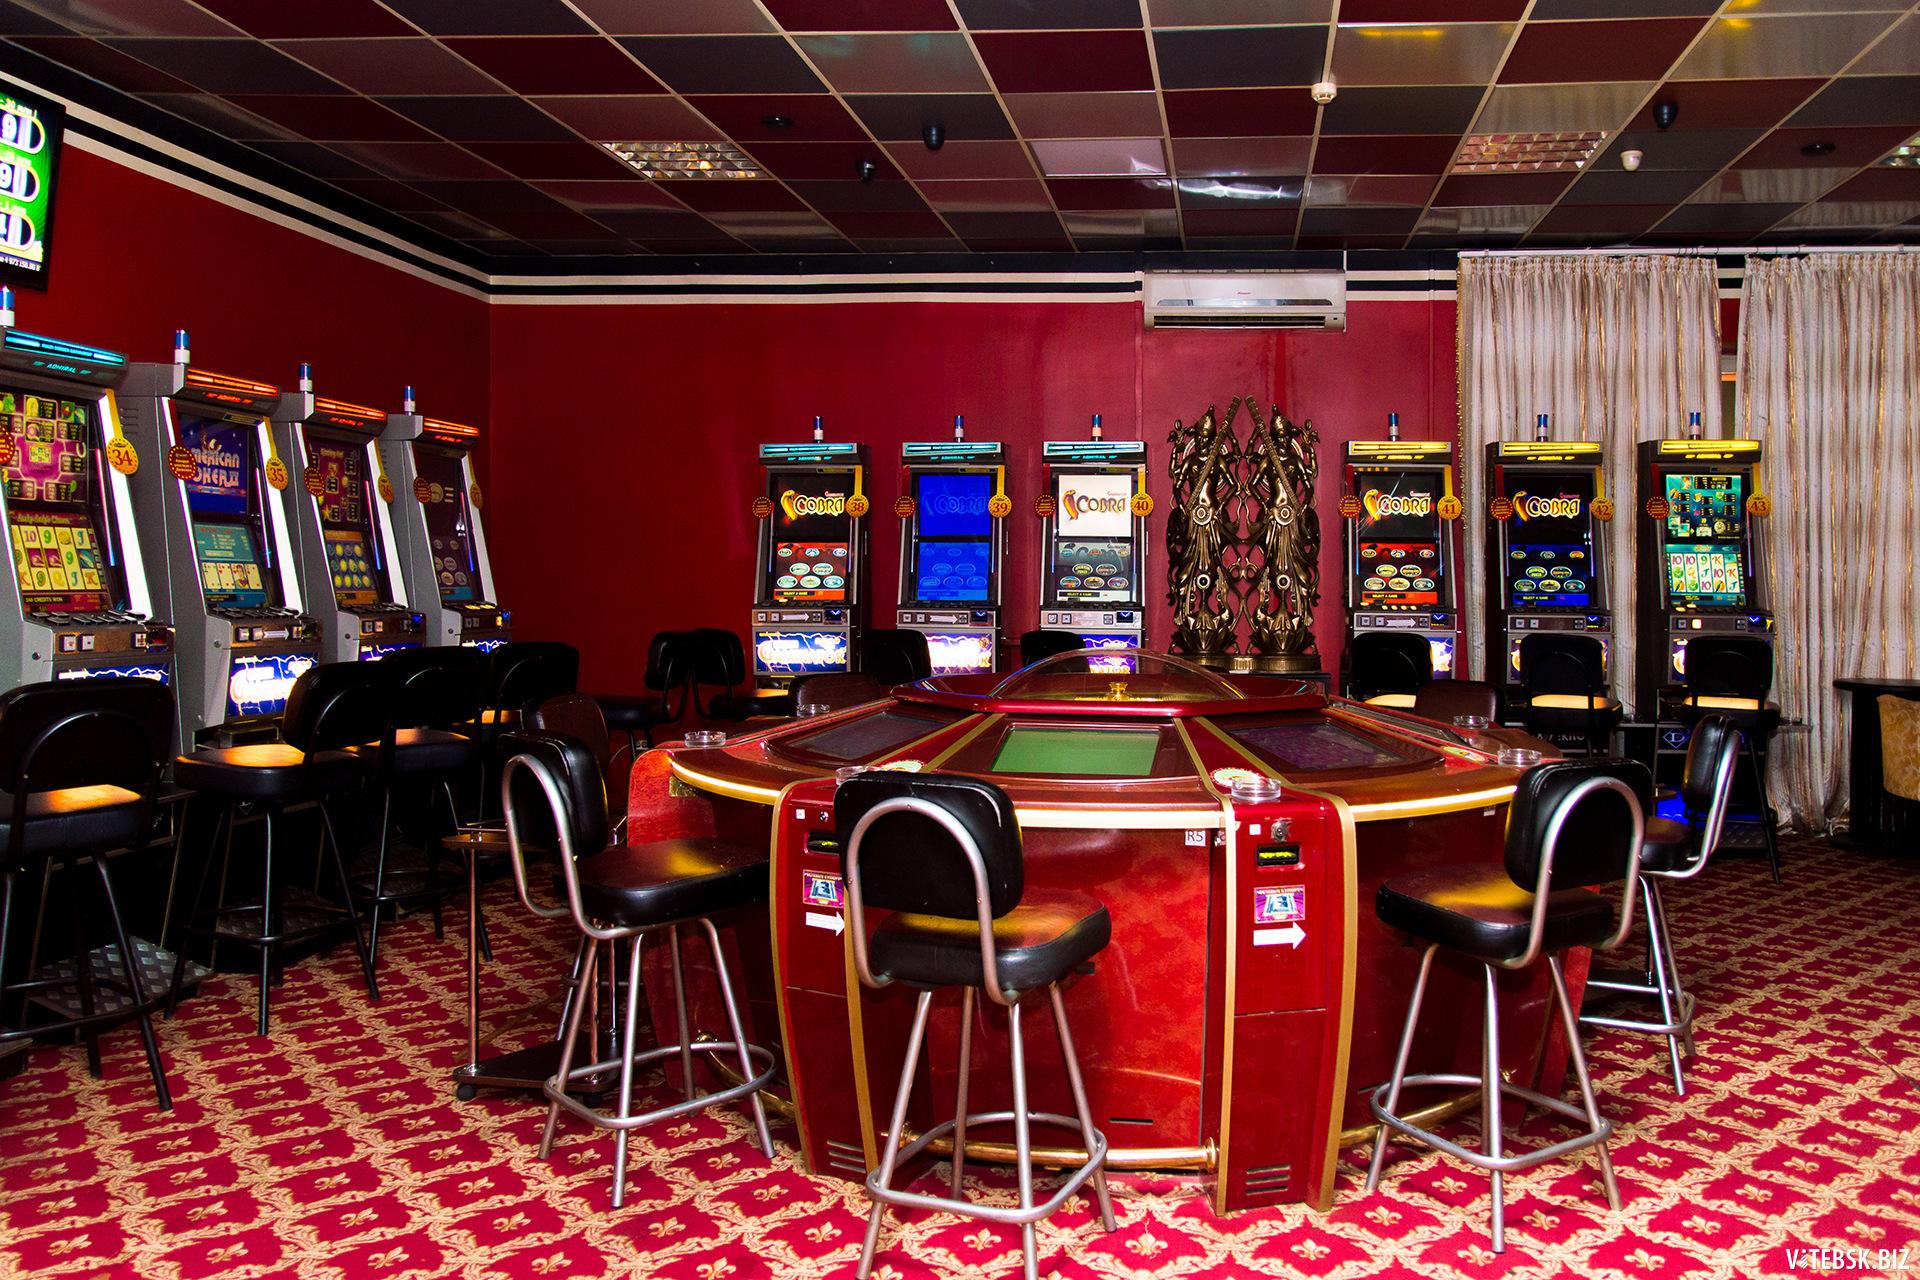 официальный сайт азарт плей игровые автоматы онлайн бесплатно